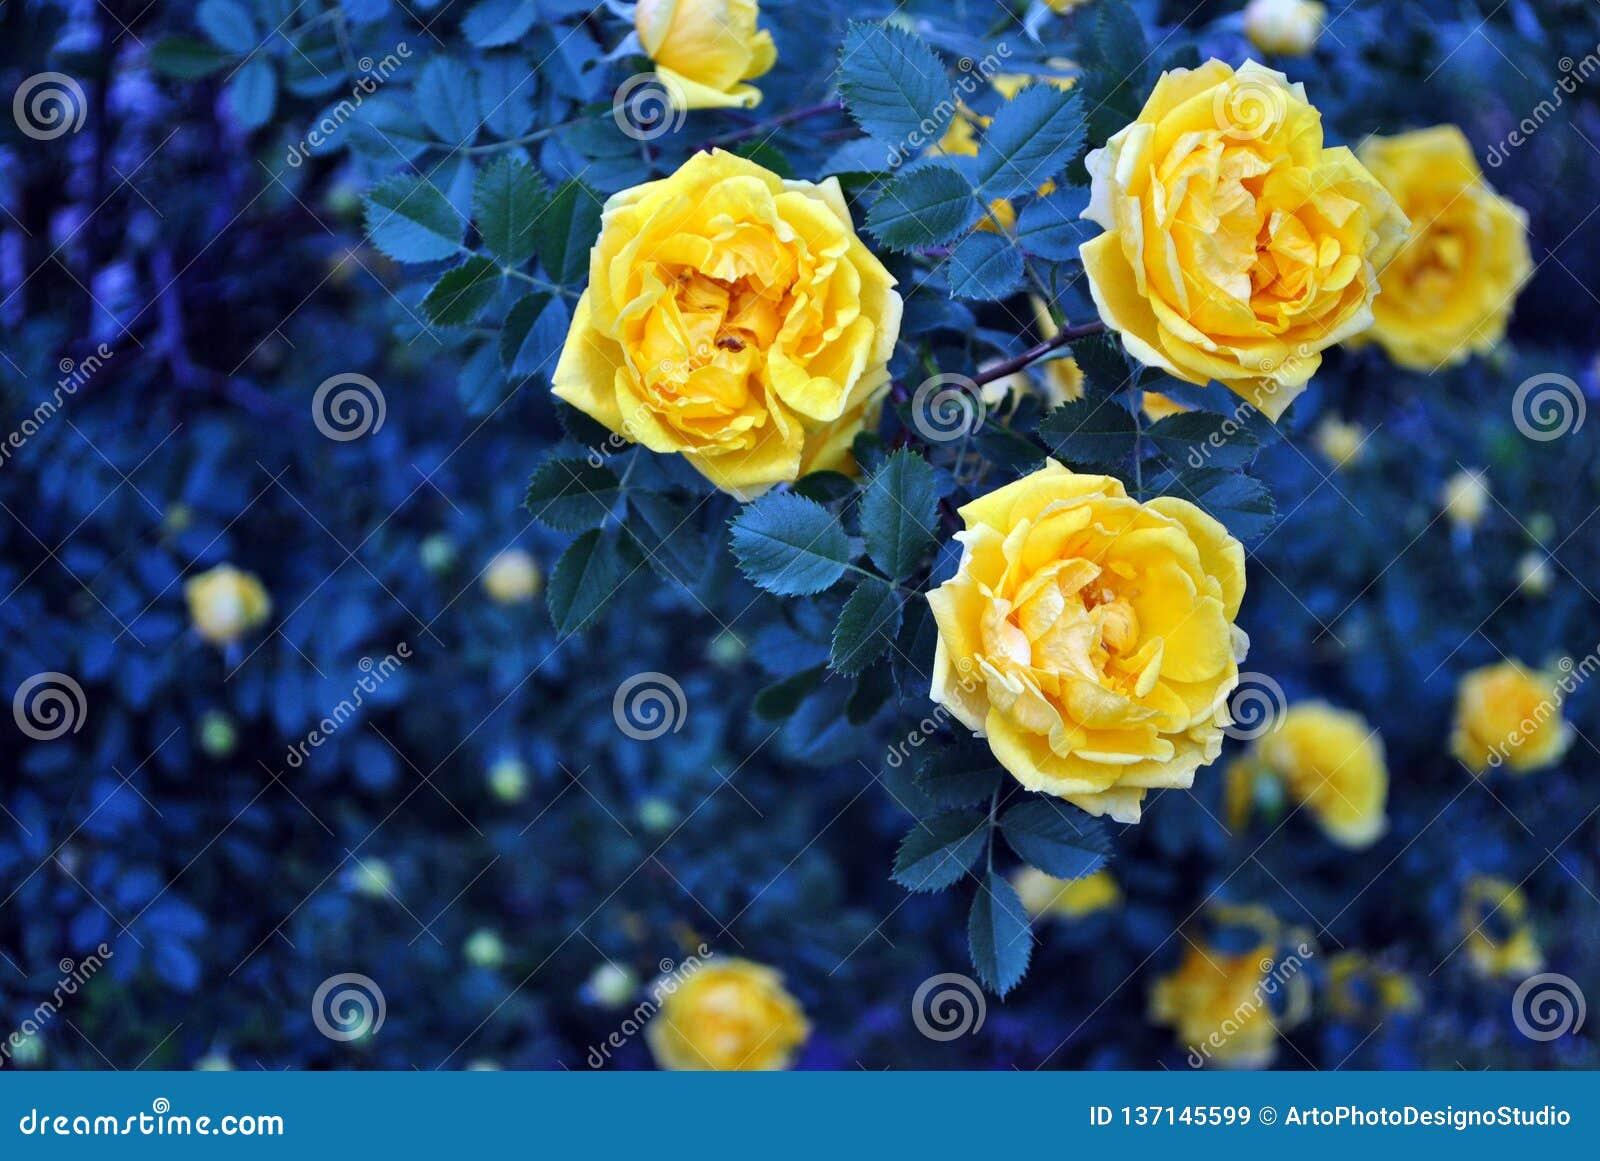 Kolor żółty róża kwitnie kwitnienie na krzaku i pączkuje, ciemny zieleń liści tło